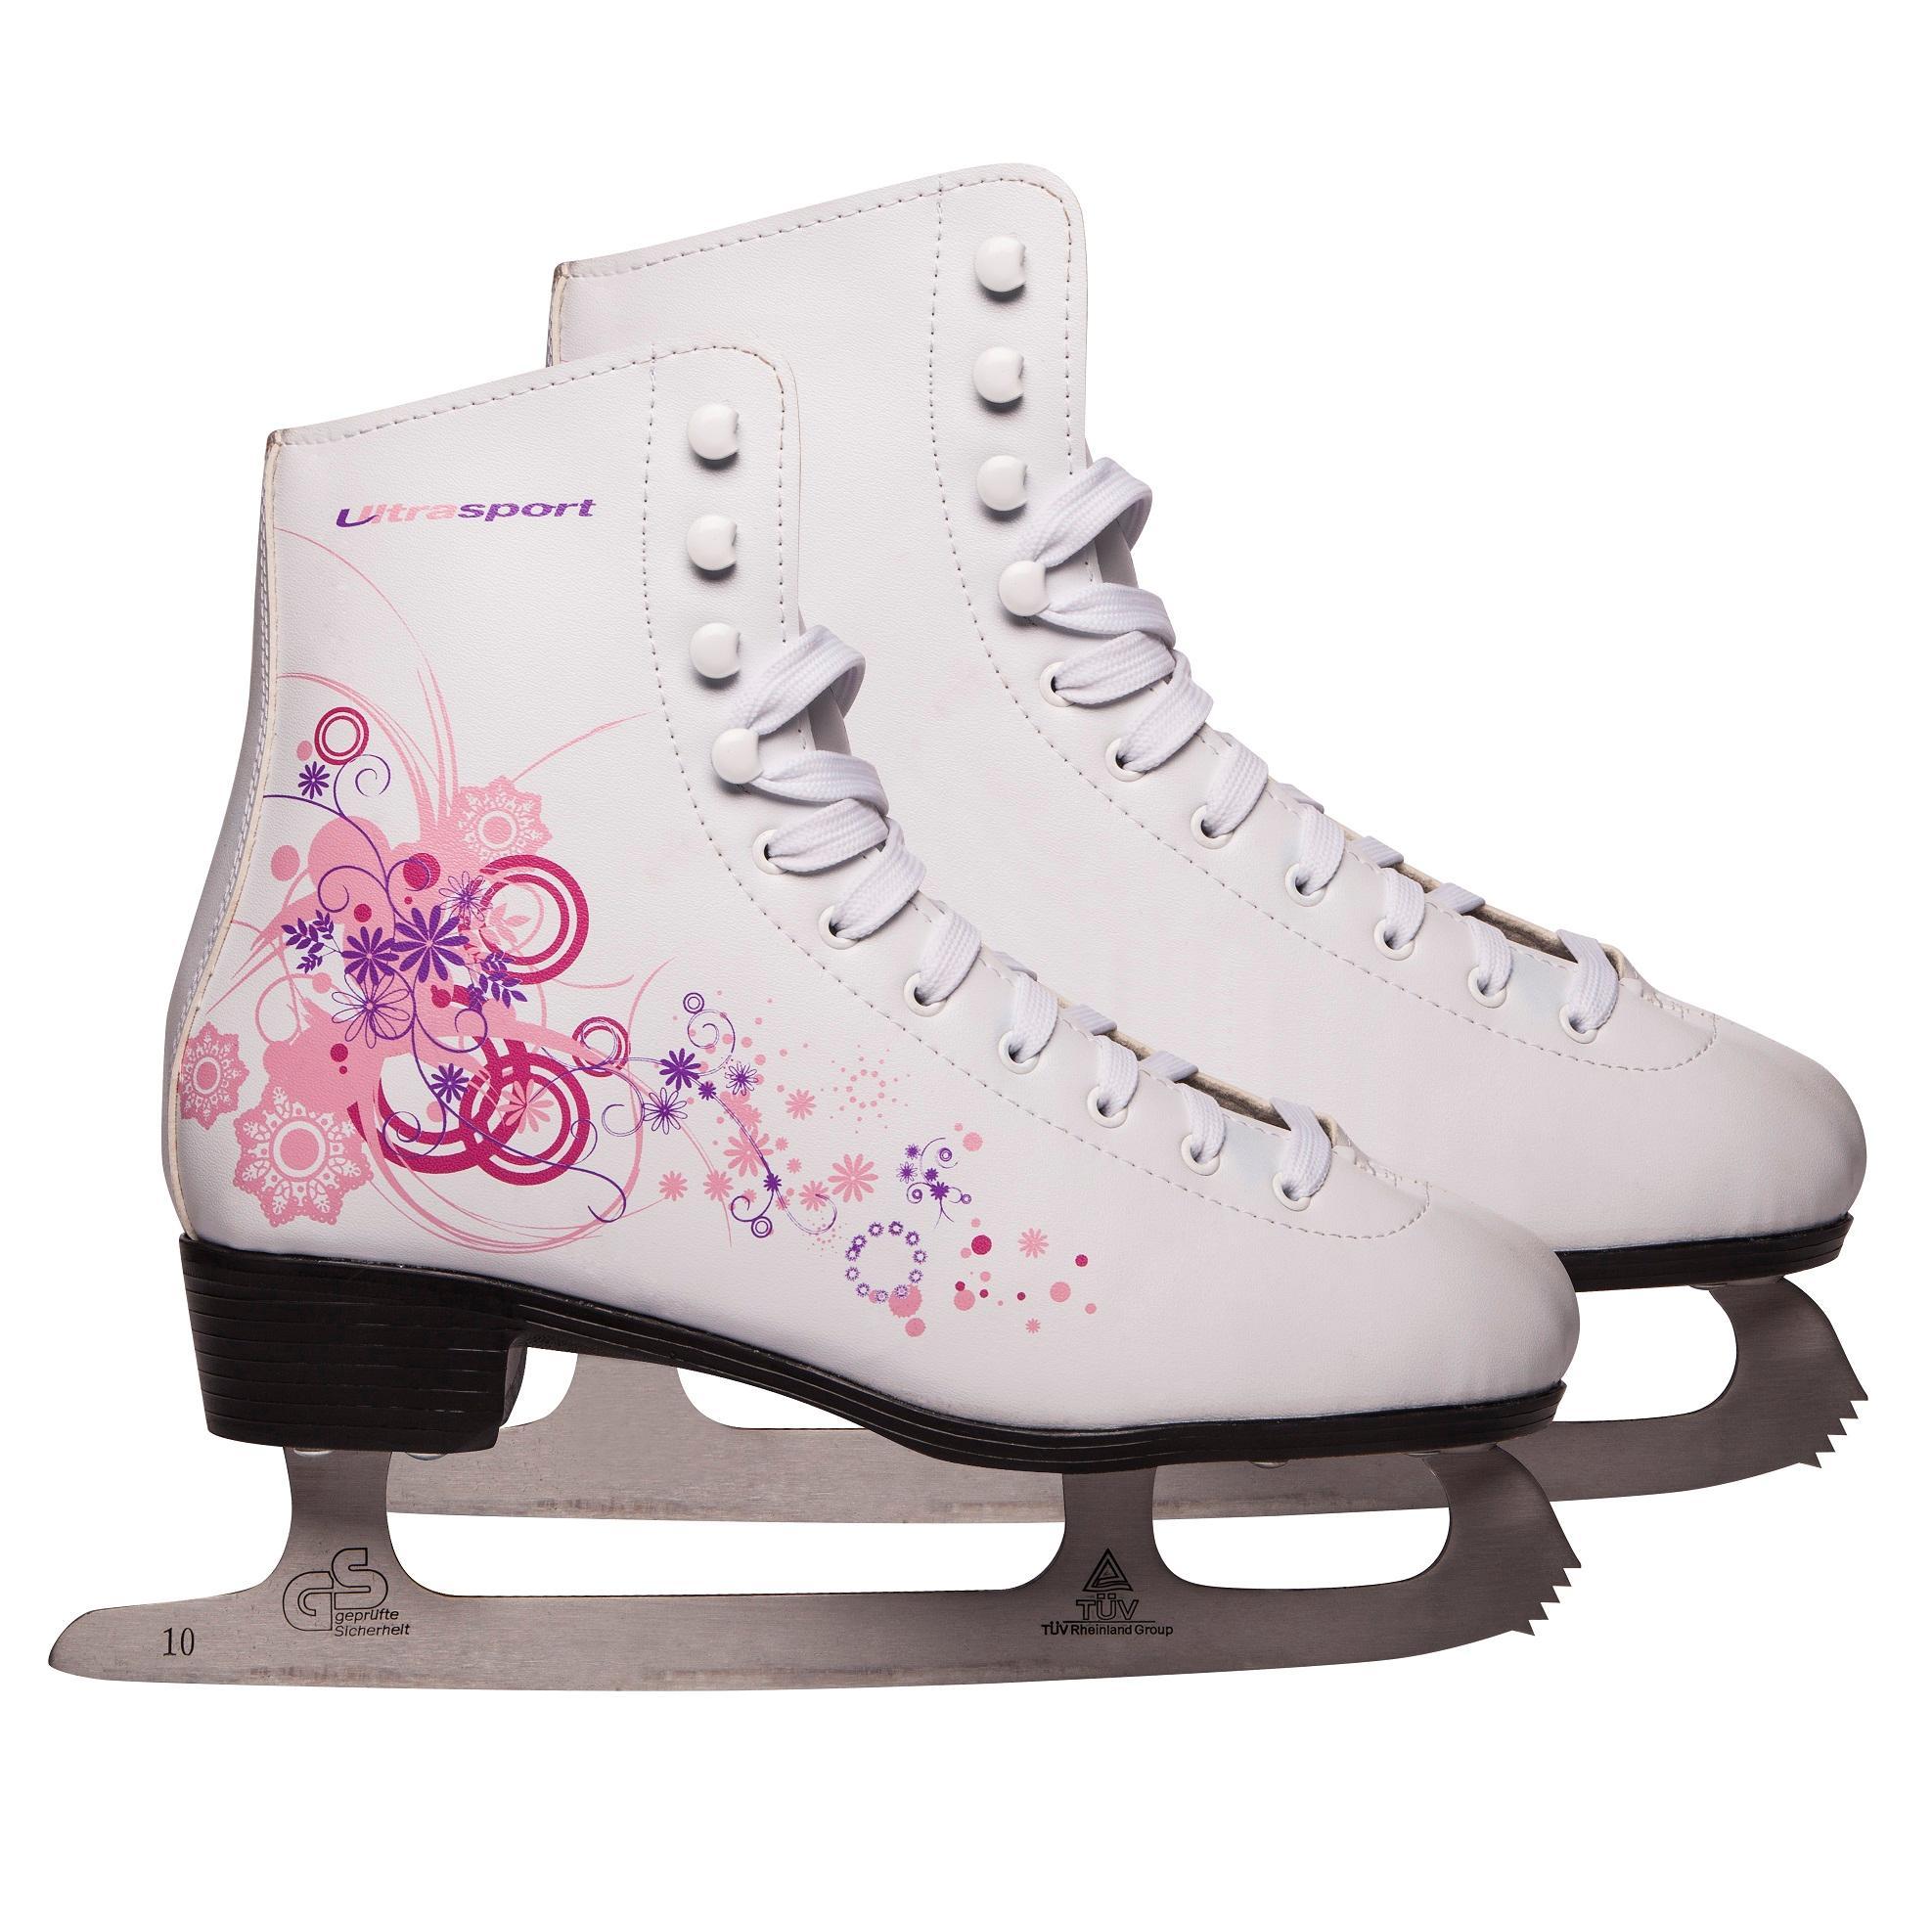 ultrasport patins glace femme et enfant blanc rose 38 331300000211 sports et. Black Bedroom Furniture Sets. Home Design Ideas